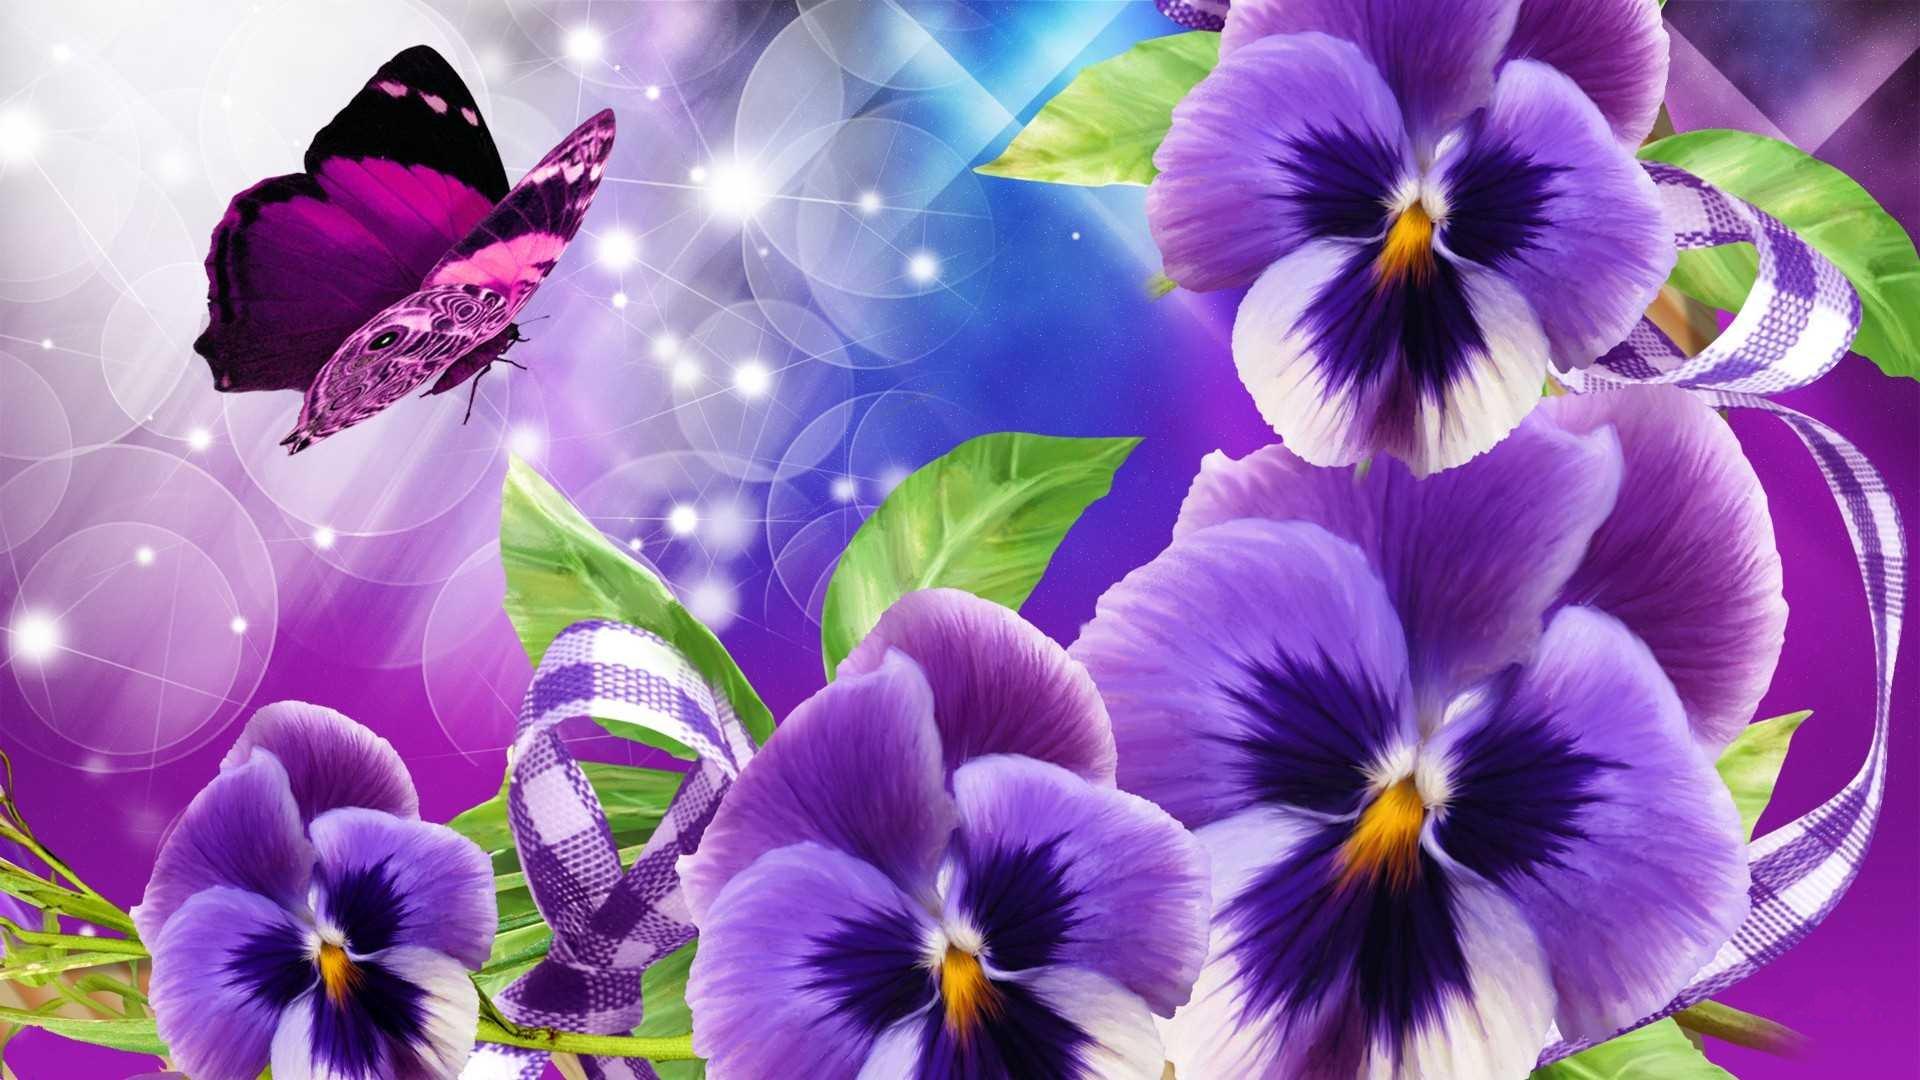 Wallpapers papillon hd le color de fleur x fonds d cran photo 1366x768 - Artistique Papillon Artistique Fleur Pens E Purple Flower Fond D Cran